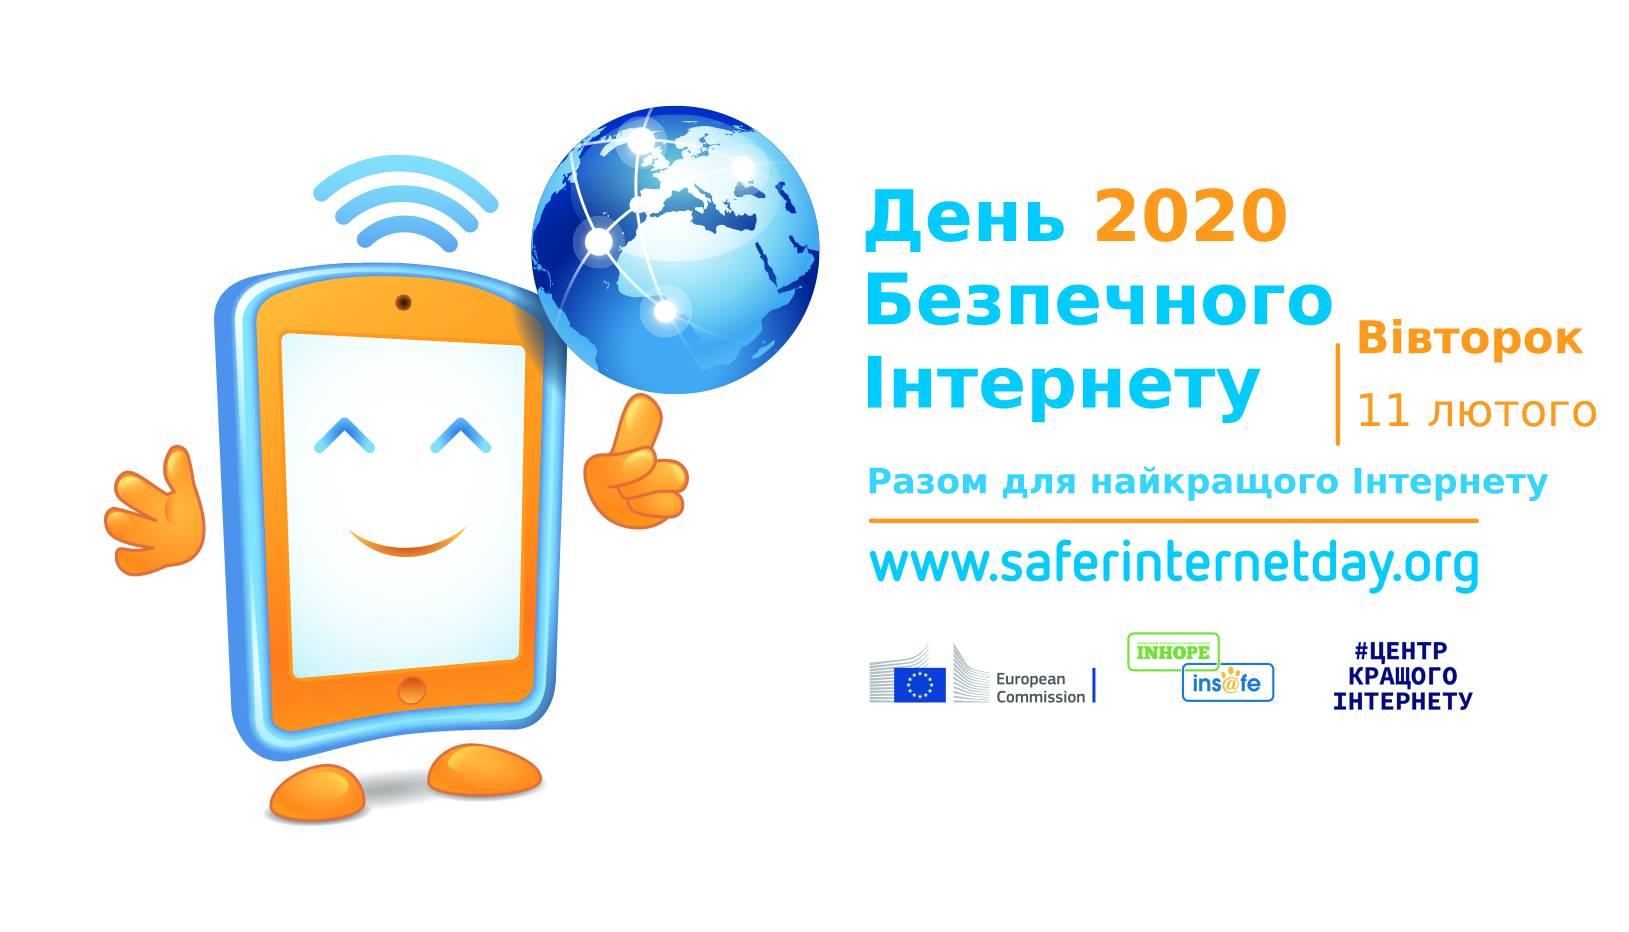 """Картинки по запросу """"день безпечного інтернету 2020"""""""